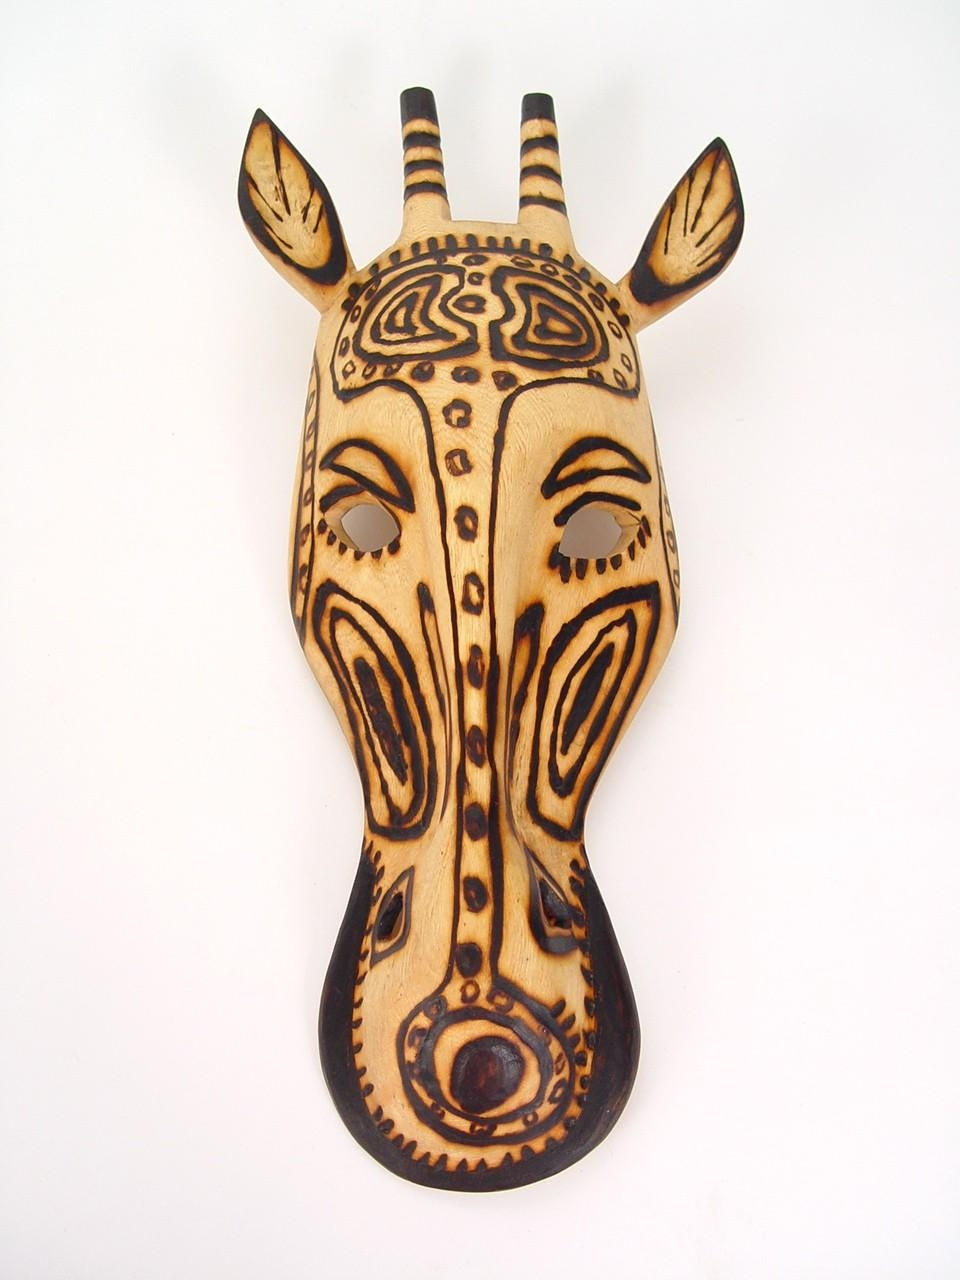 Handmade Wall Masks| Metal Wall Art | Wooden Giraffe Mask Pertaining To African Metal Wall Art (Image 12 of 20)